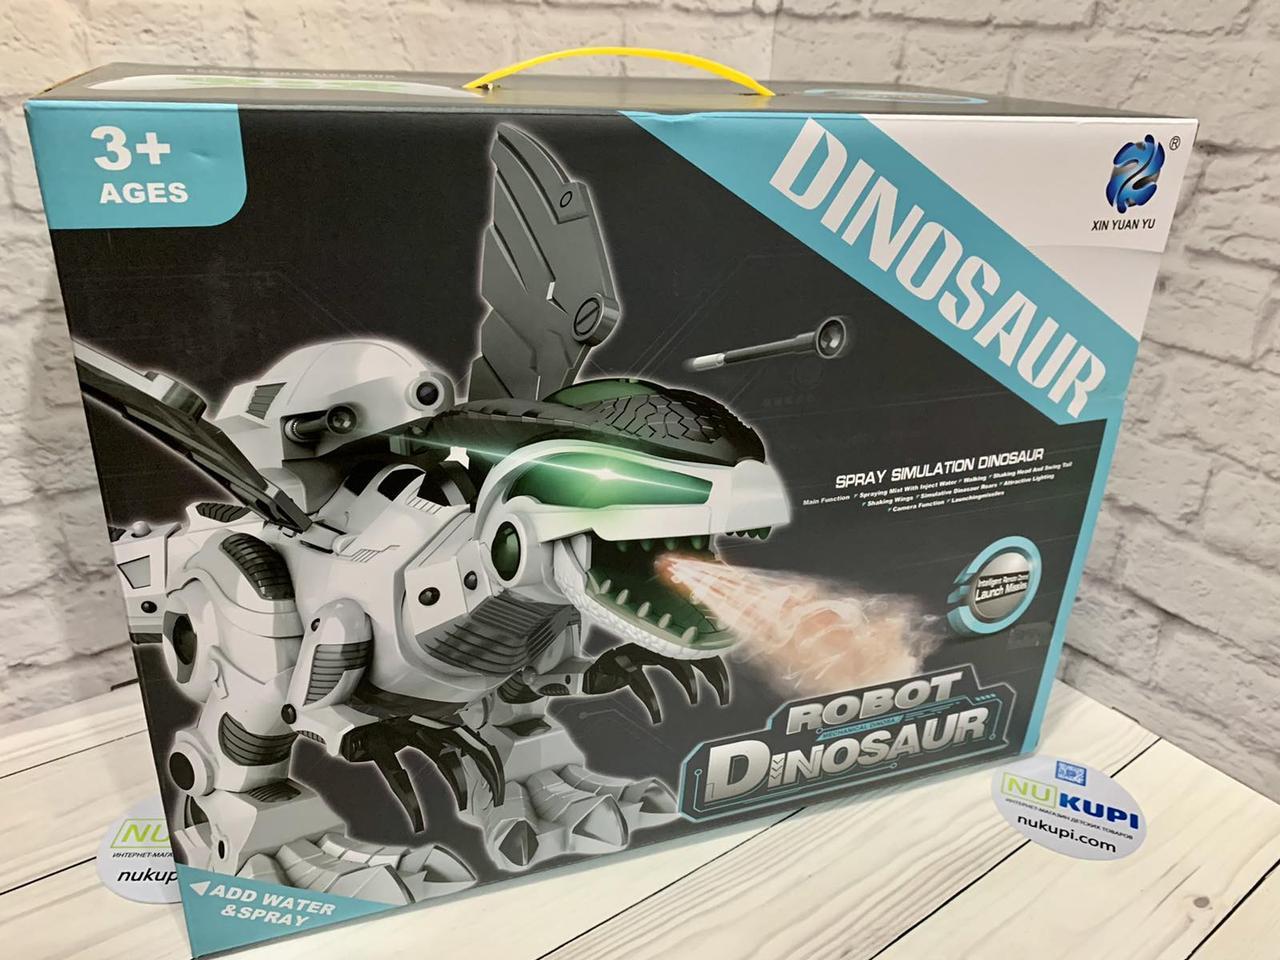 Животное Динозавр Robot Dinosaur на р/у пульт